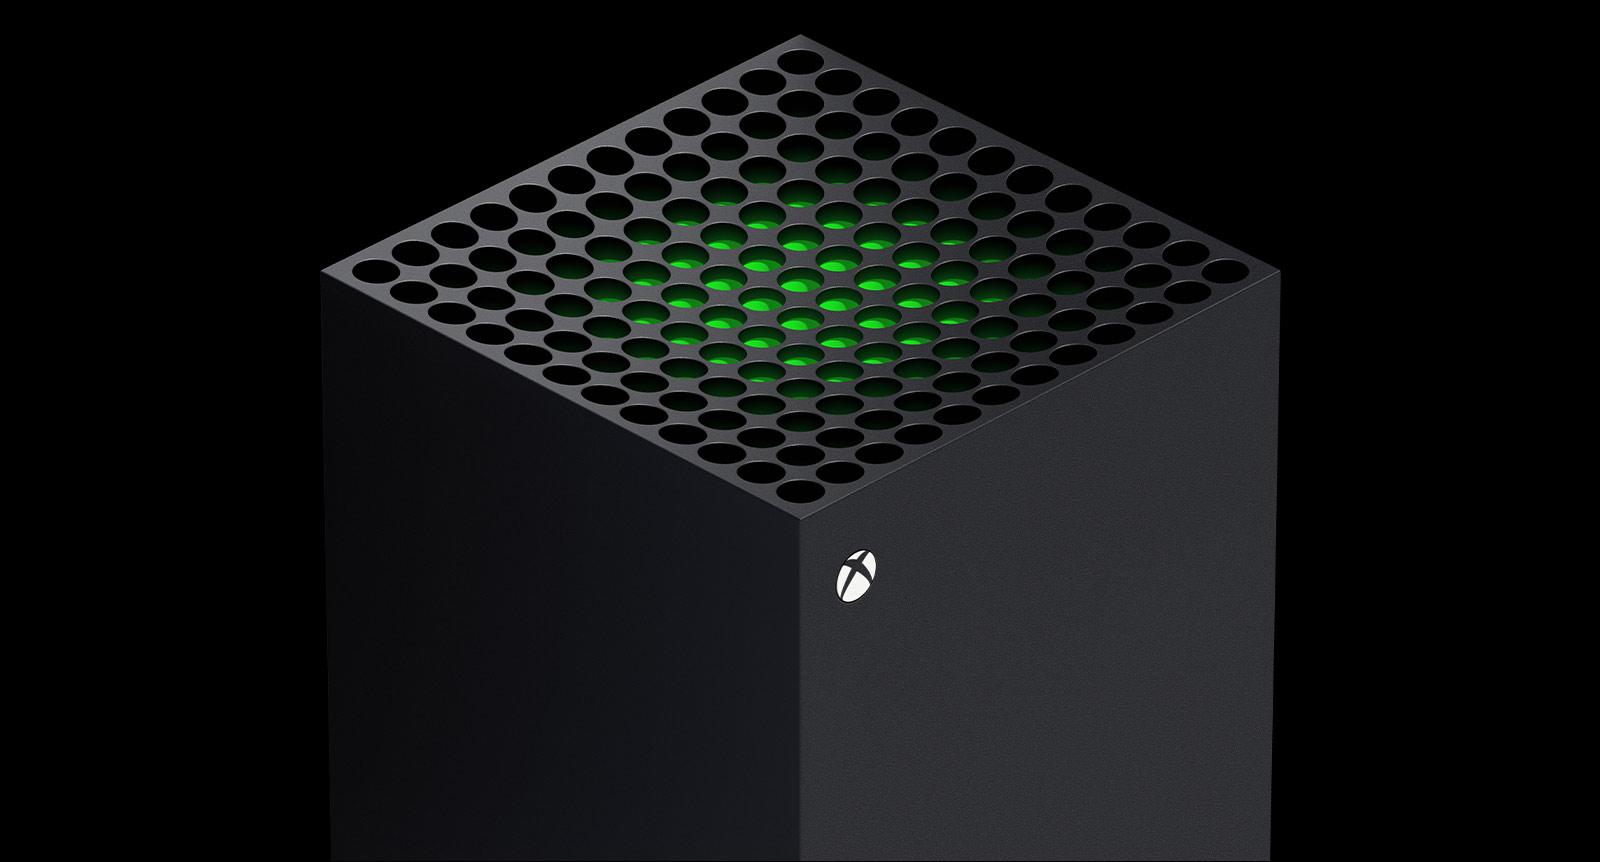 Xbox Series X satış fiyatı ne kadar olacak?